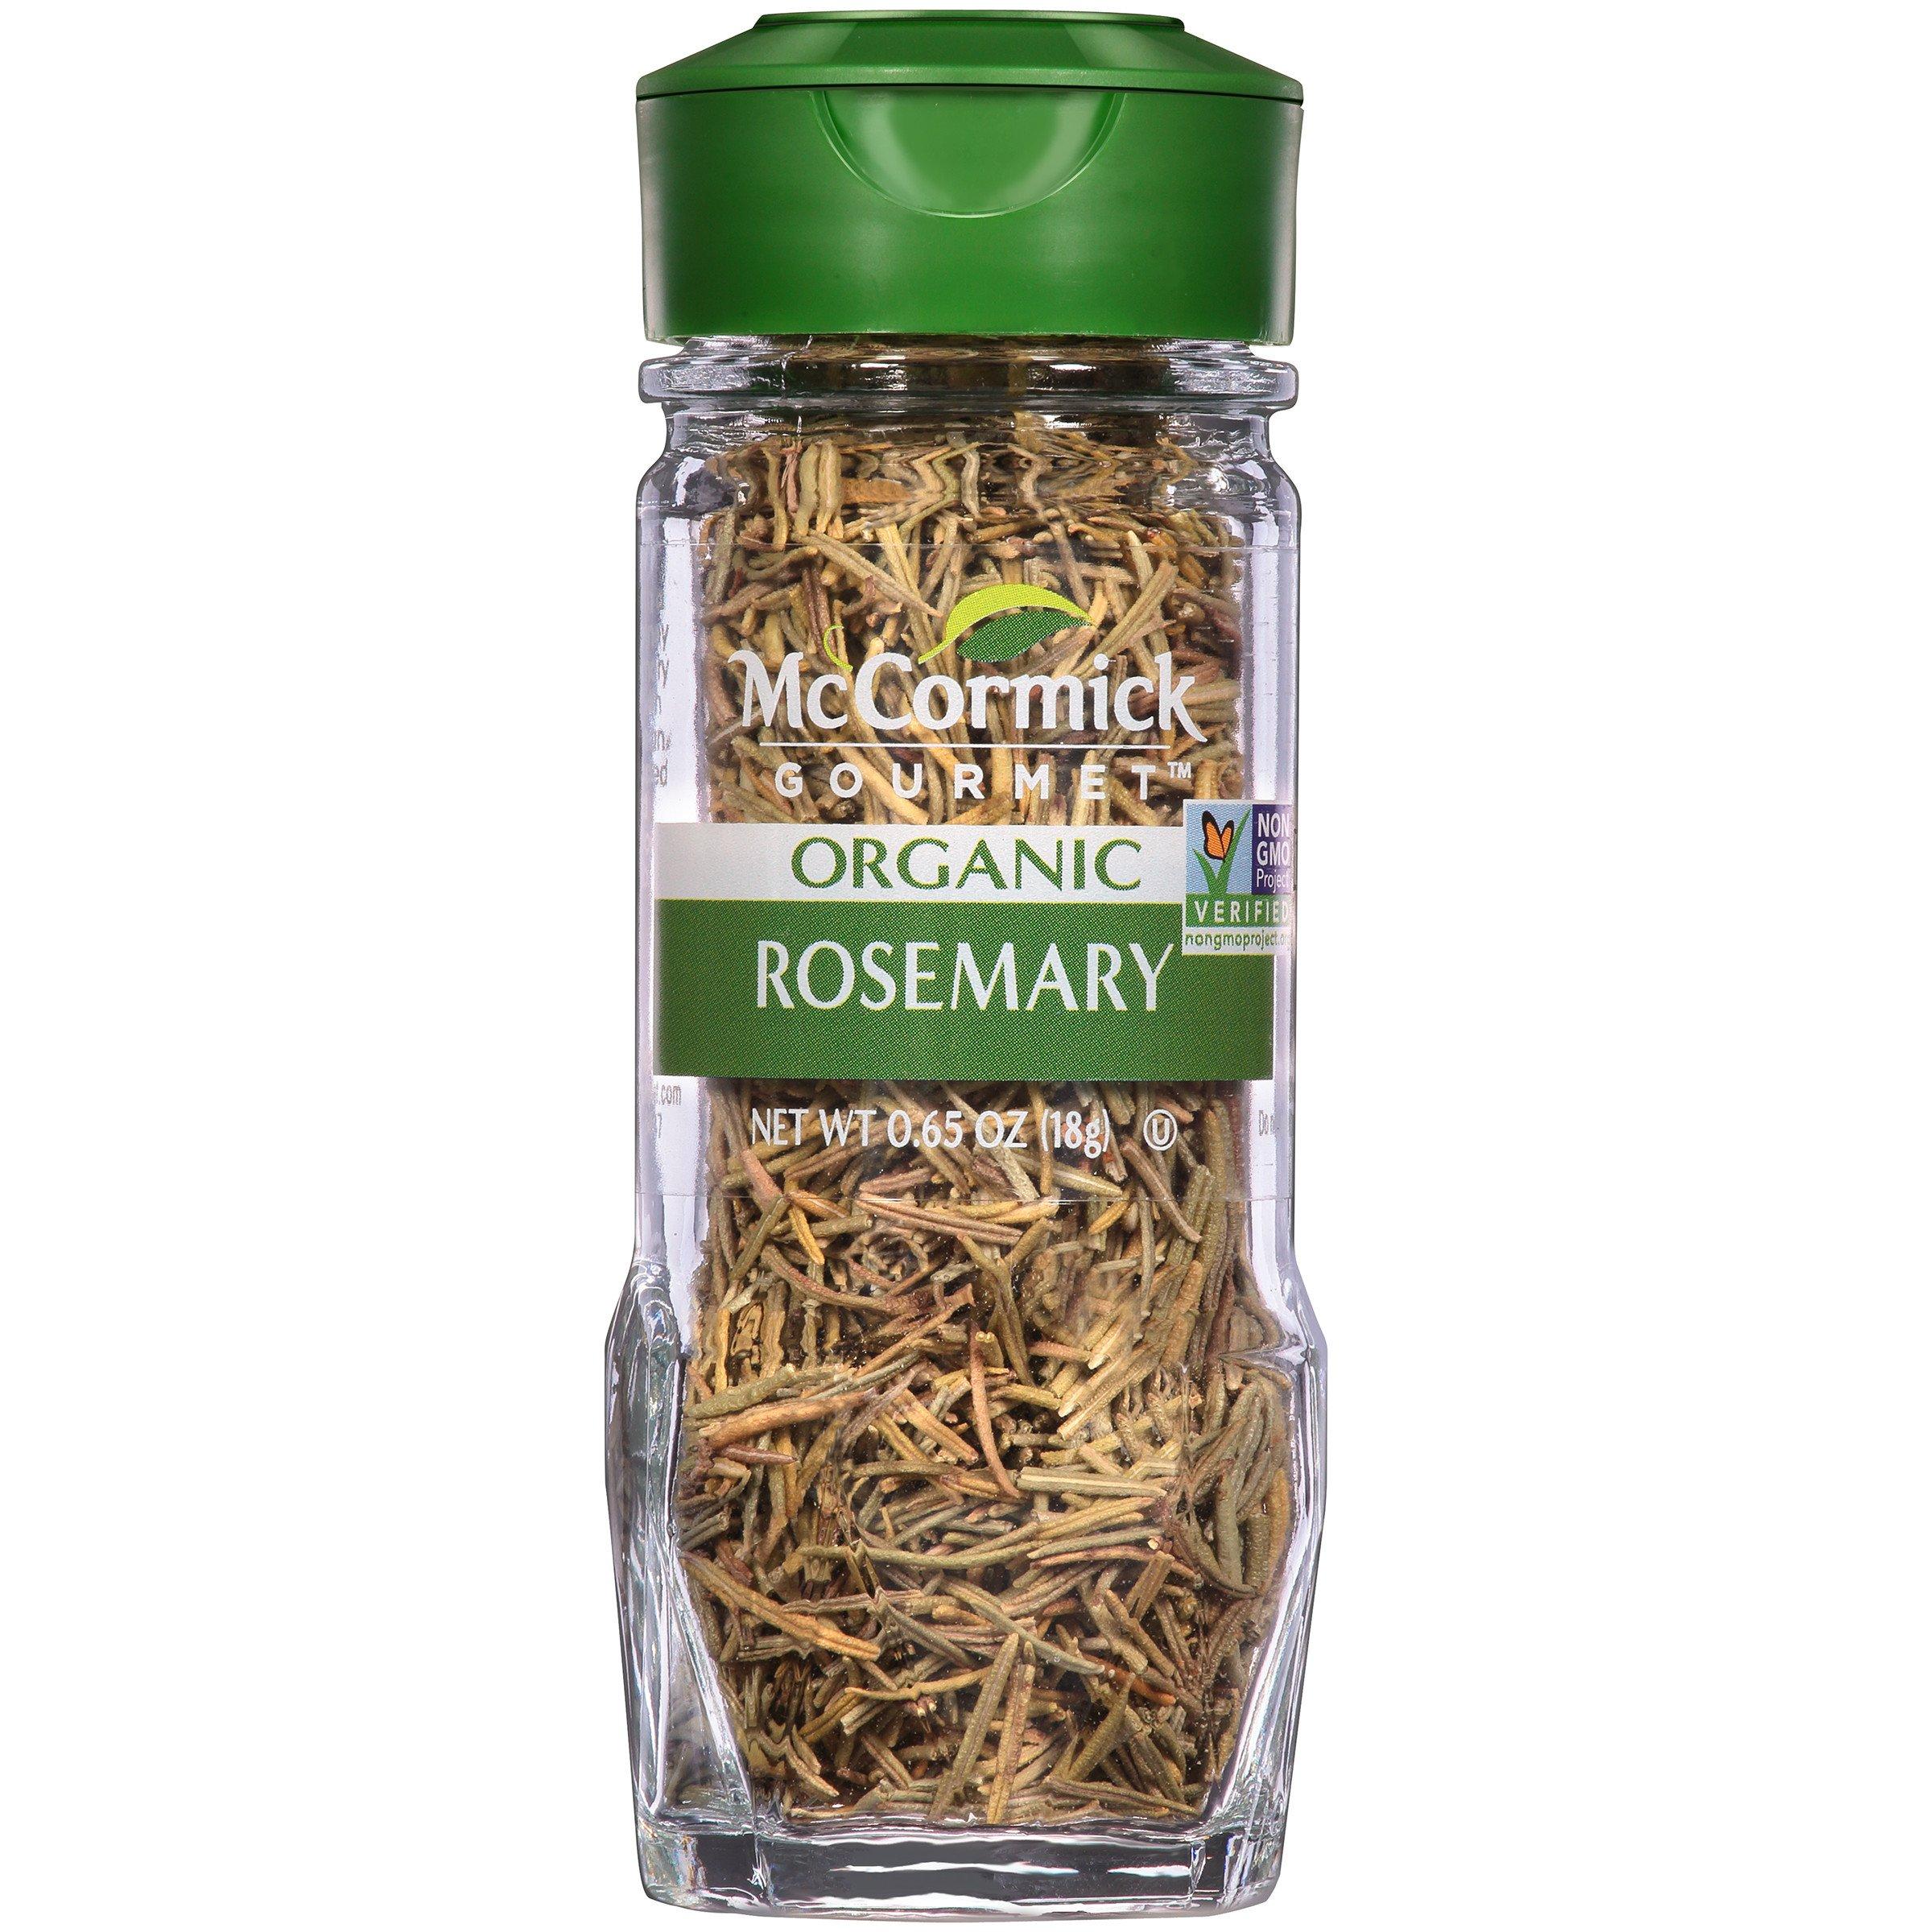 McCormick Gourmet Organic Rosemary, 0.65 oz